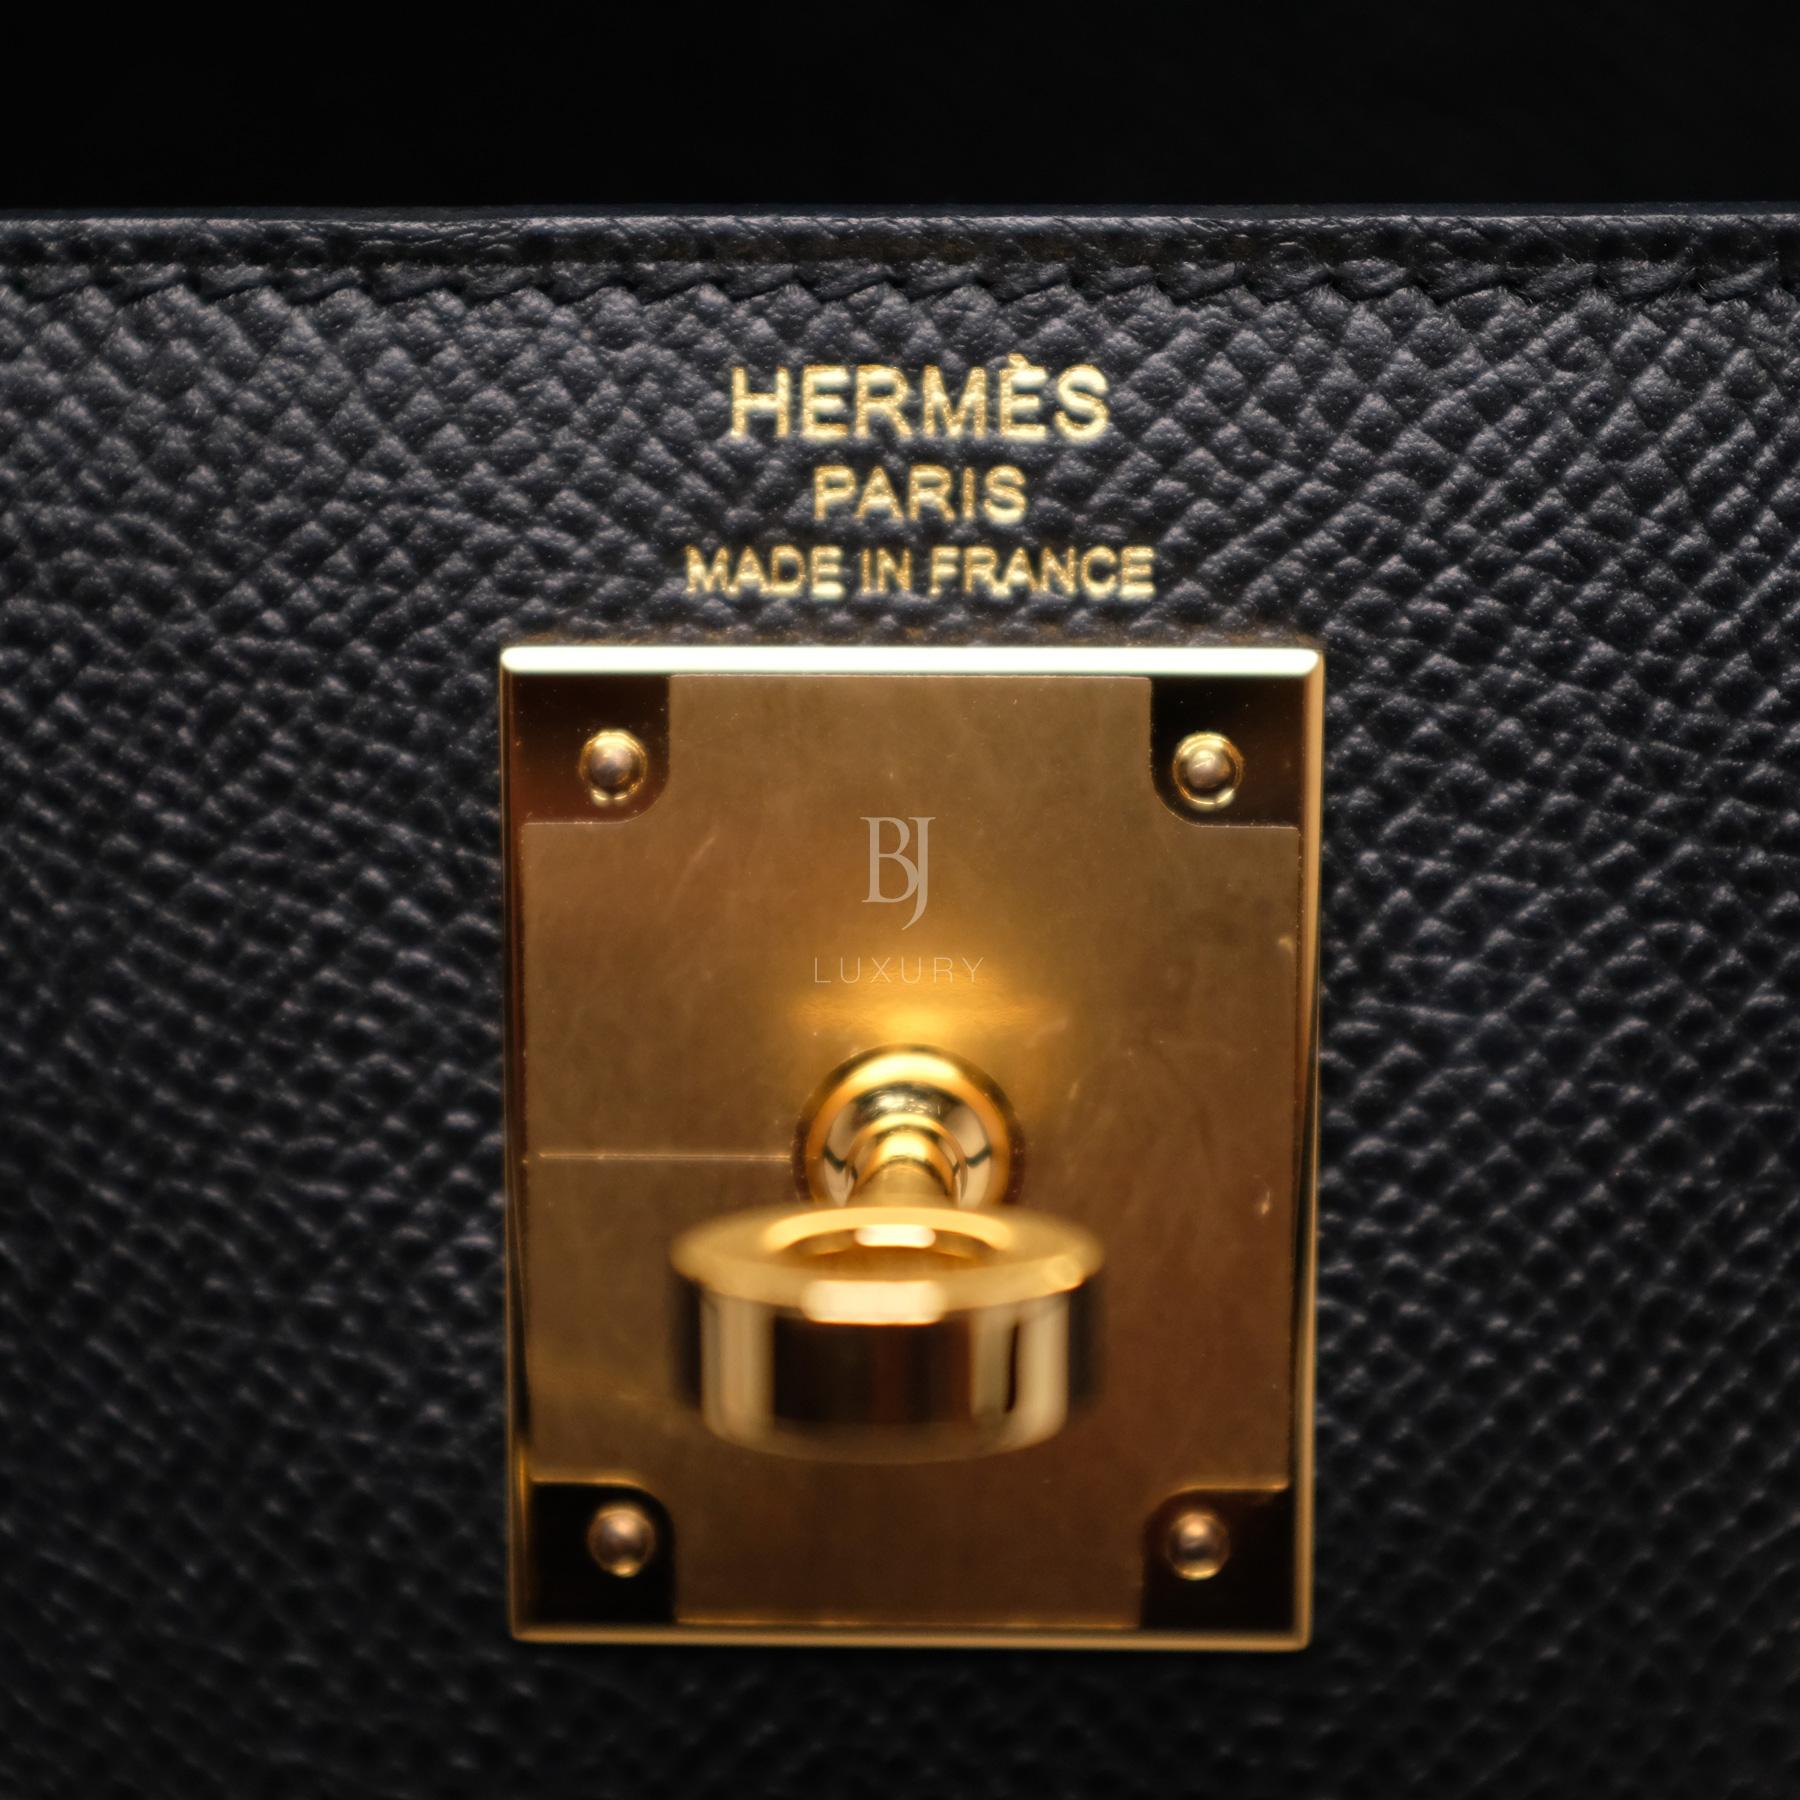 Hermes Kelly Sellier 28 Black Epsom Gold BJ Luxury 8.jpg